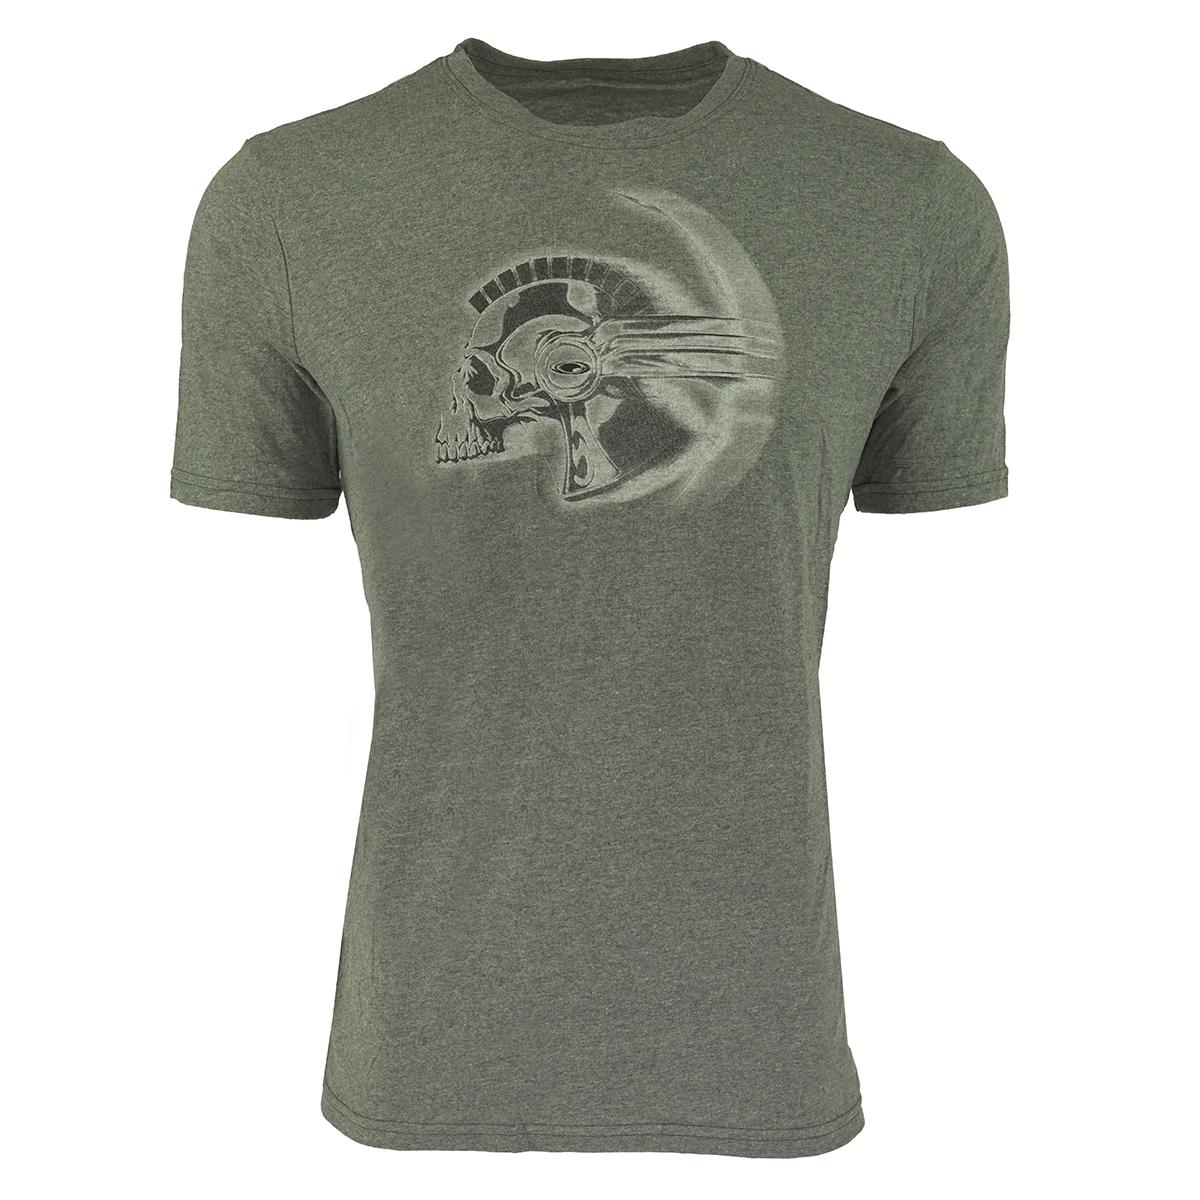 Oakley Men s Graphic Skull T-Shirt Grey Black White S 680193076848 ... f6fae6b5e5b